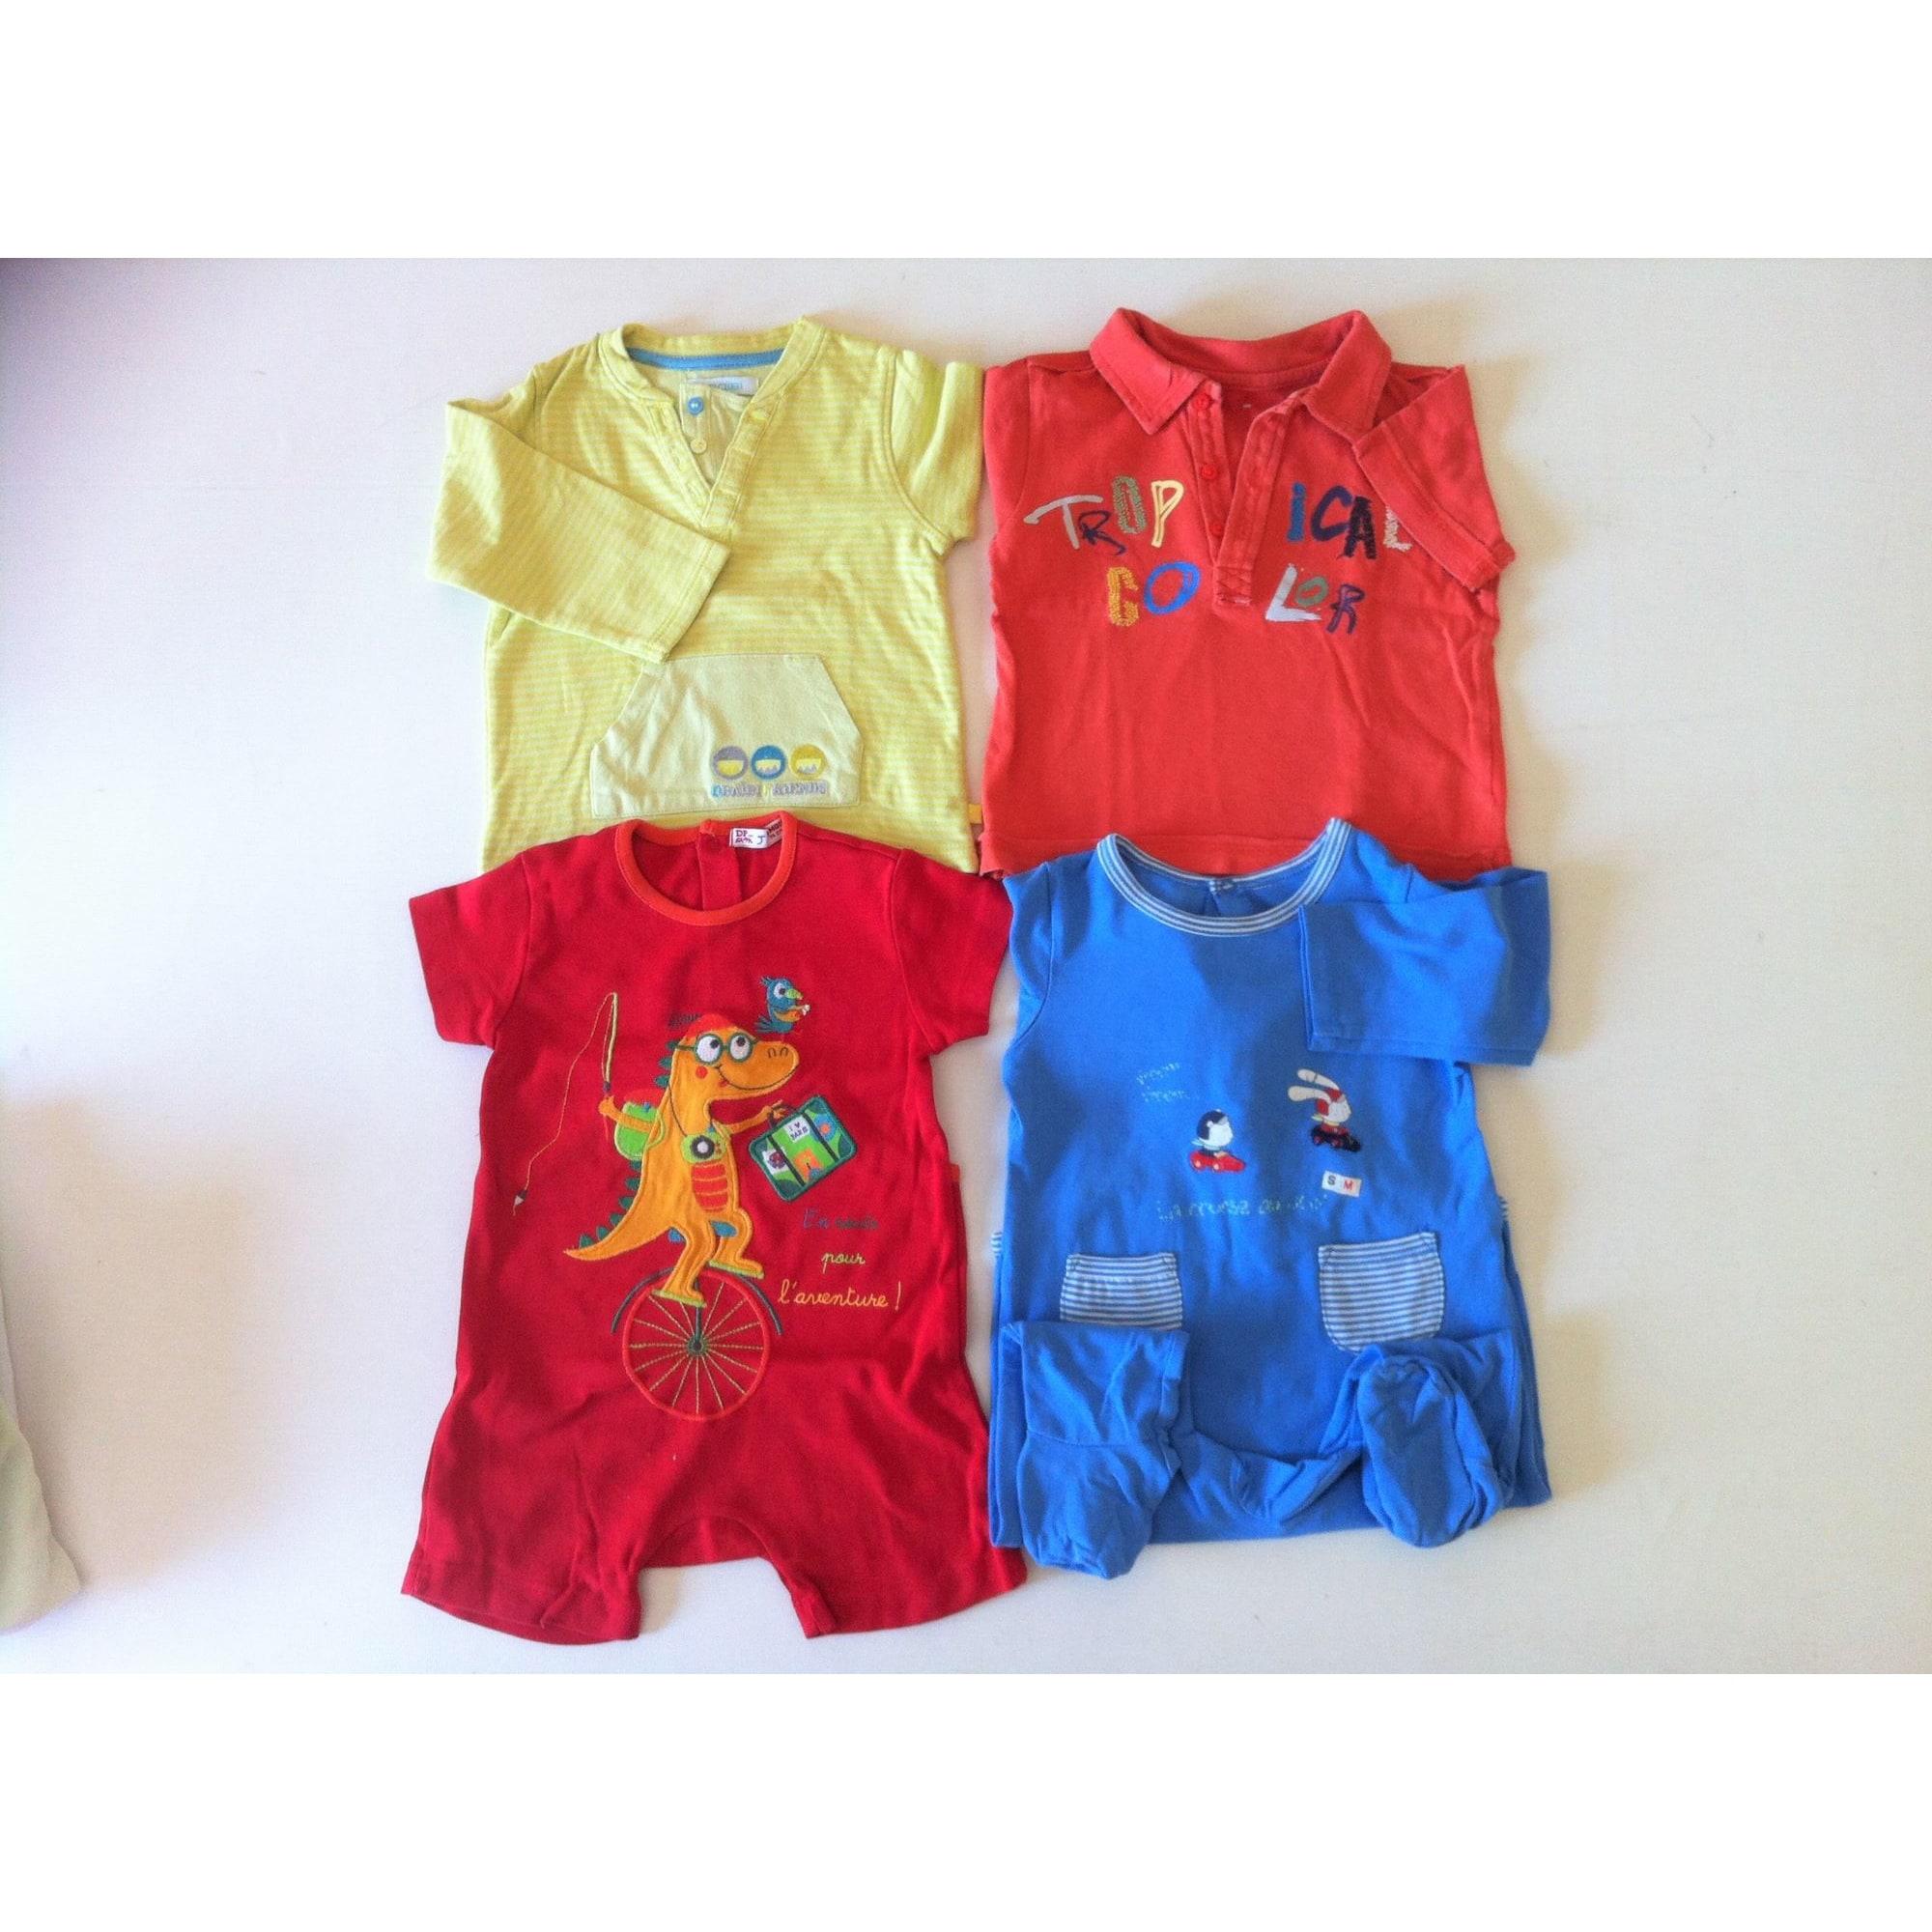 Top, tee shirt OBAIBI blanc, bleu, rouge, vert